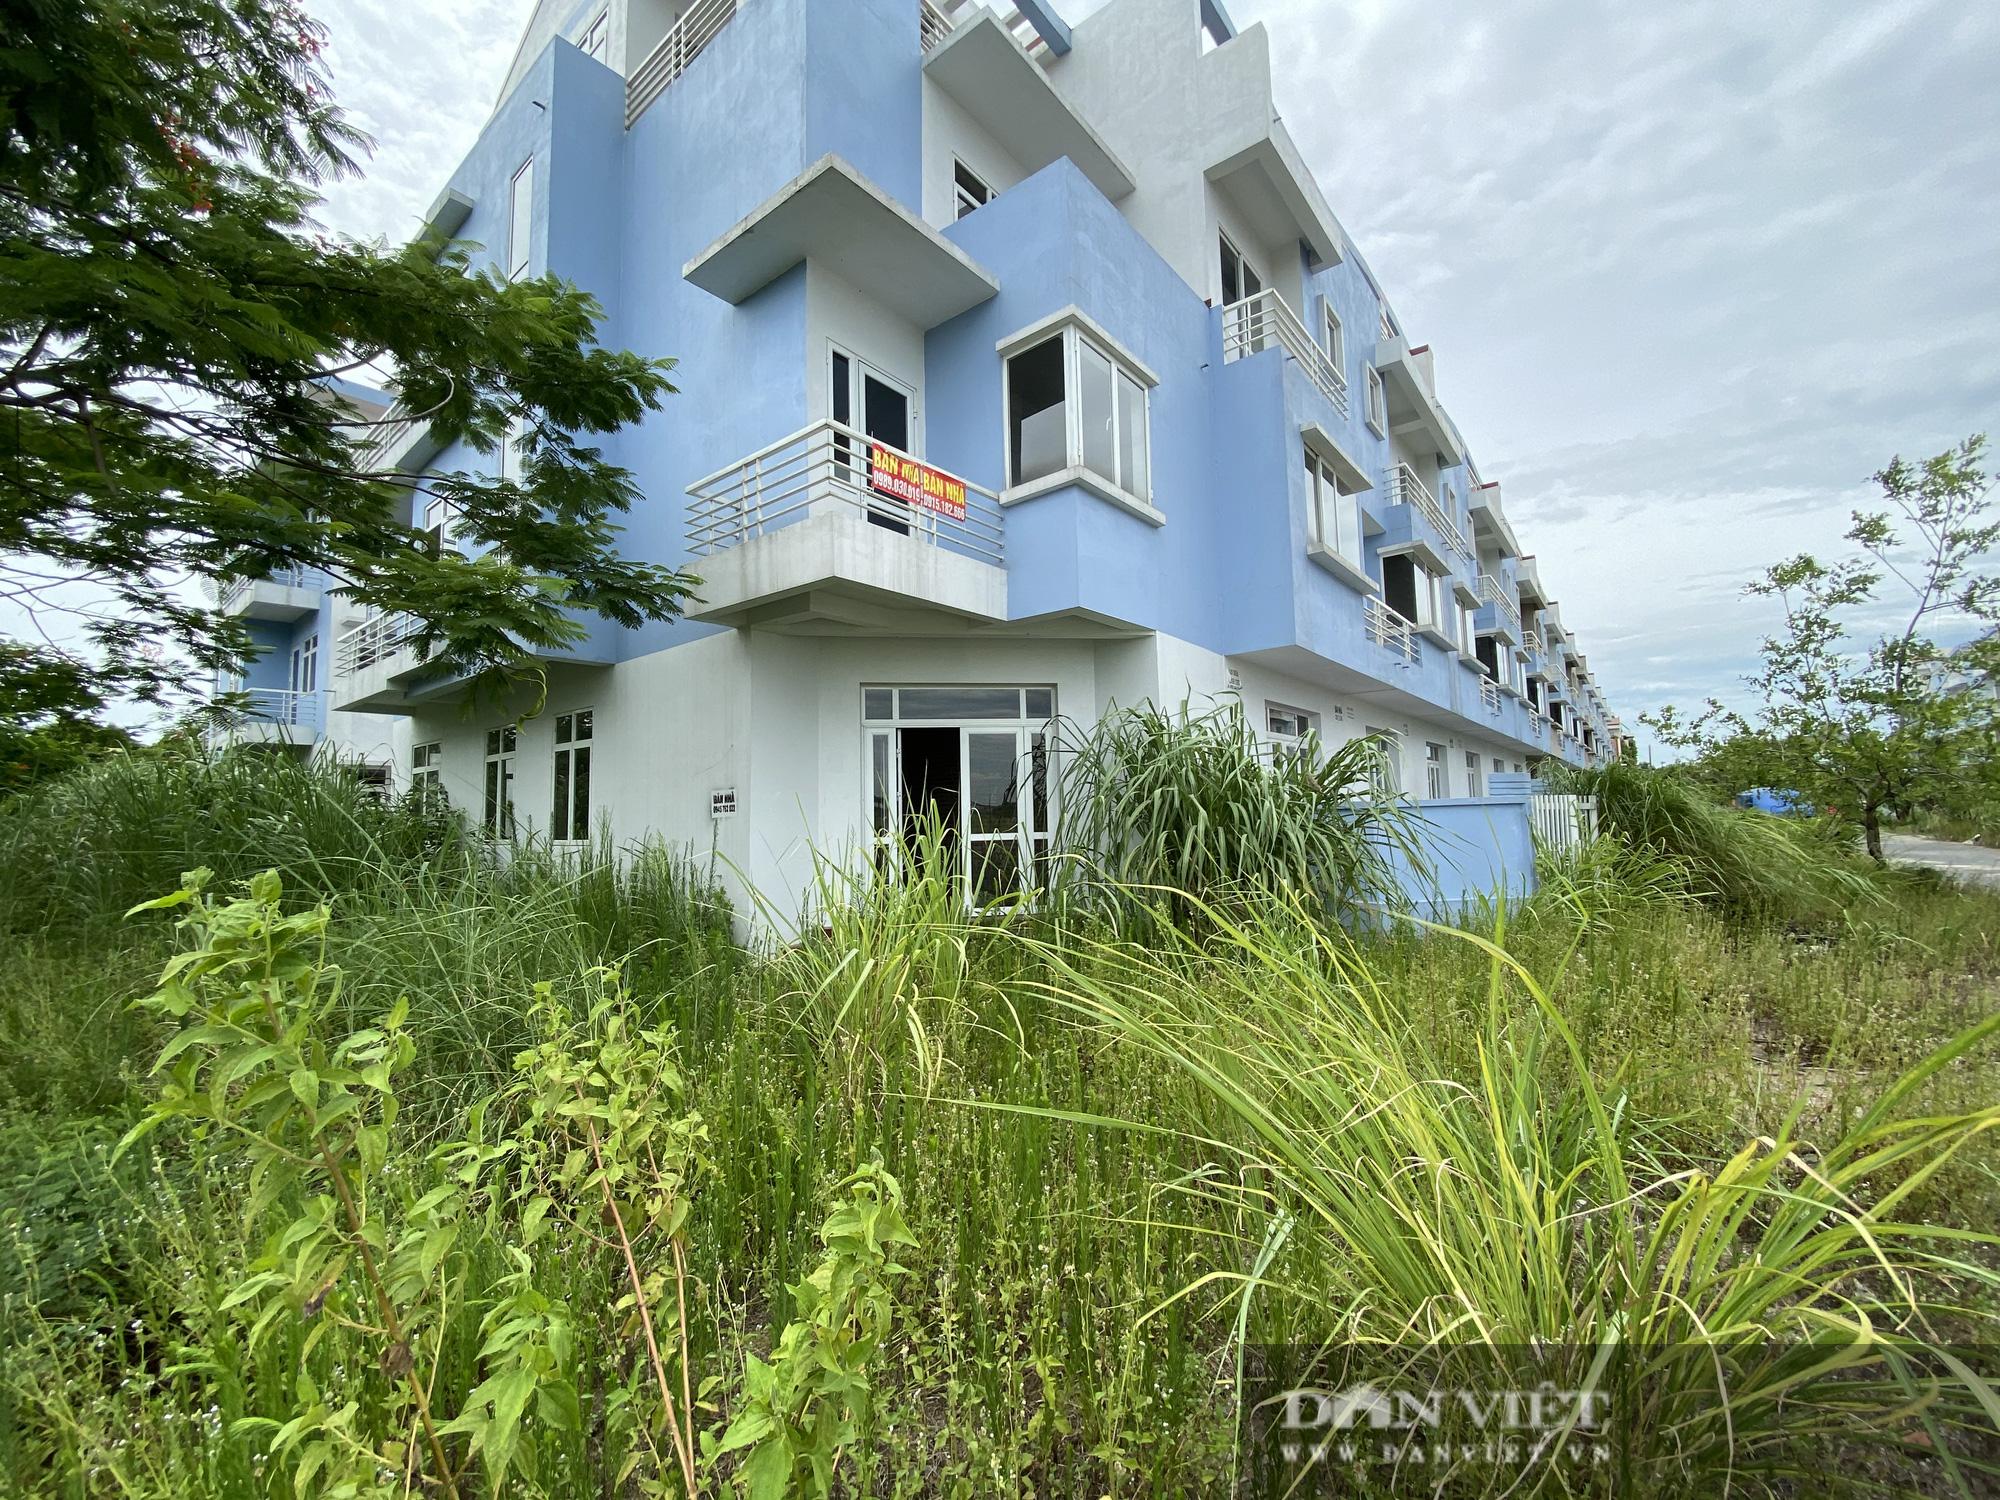 La liệt biệt thự chục tỷ đồng bỏ hoang ở Hà Nội - Ảnh 12.